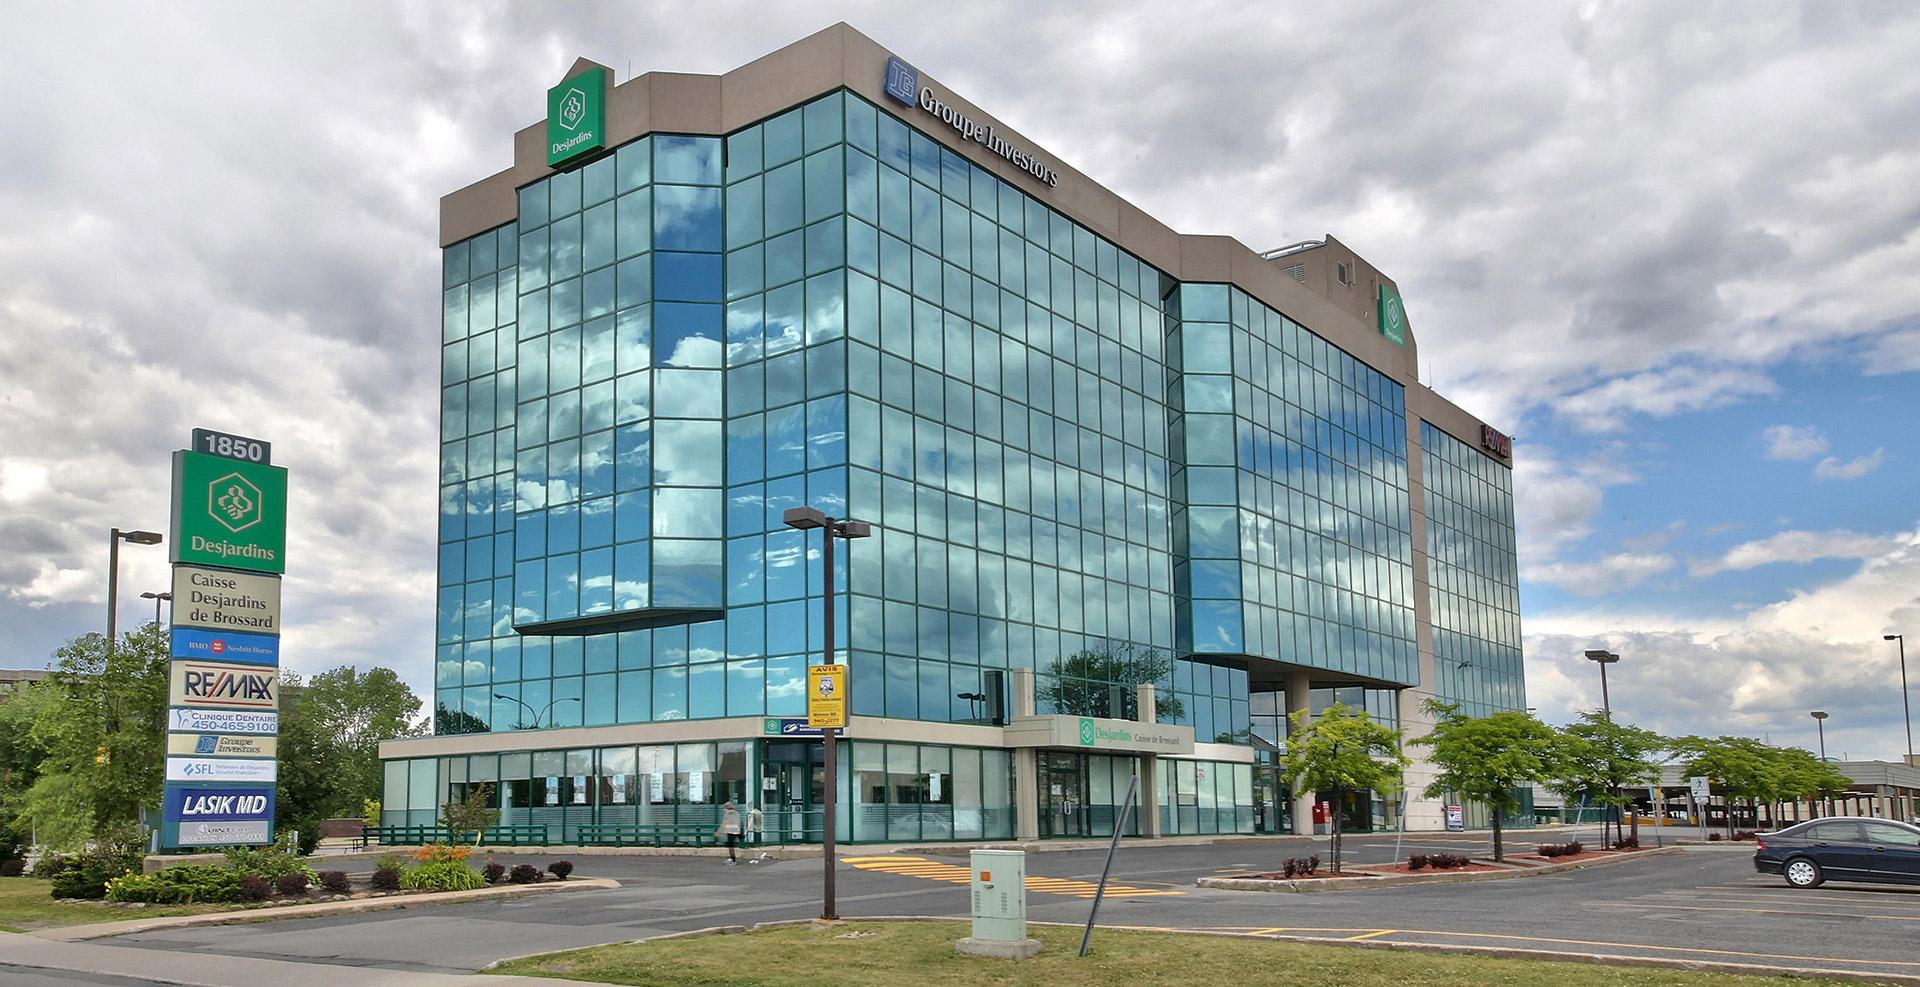 Quintcap est un développeur immobilier dans la région de Brossard - Nous sommes un des plus grands développeurs immobiliers